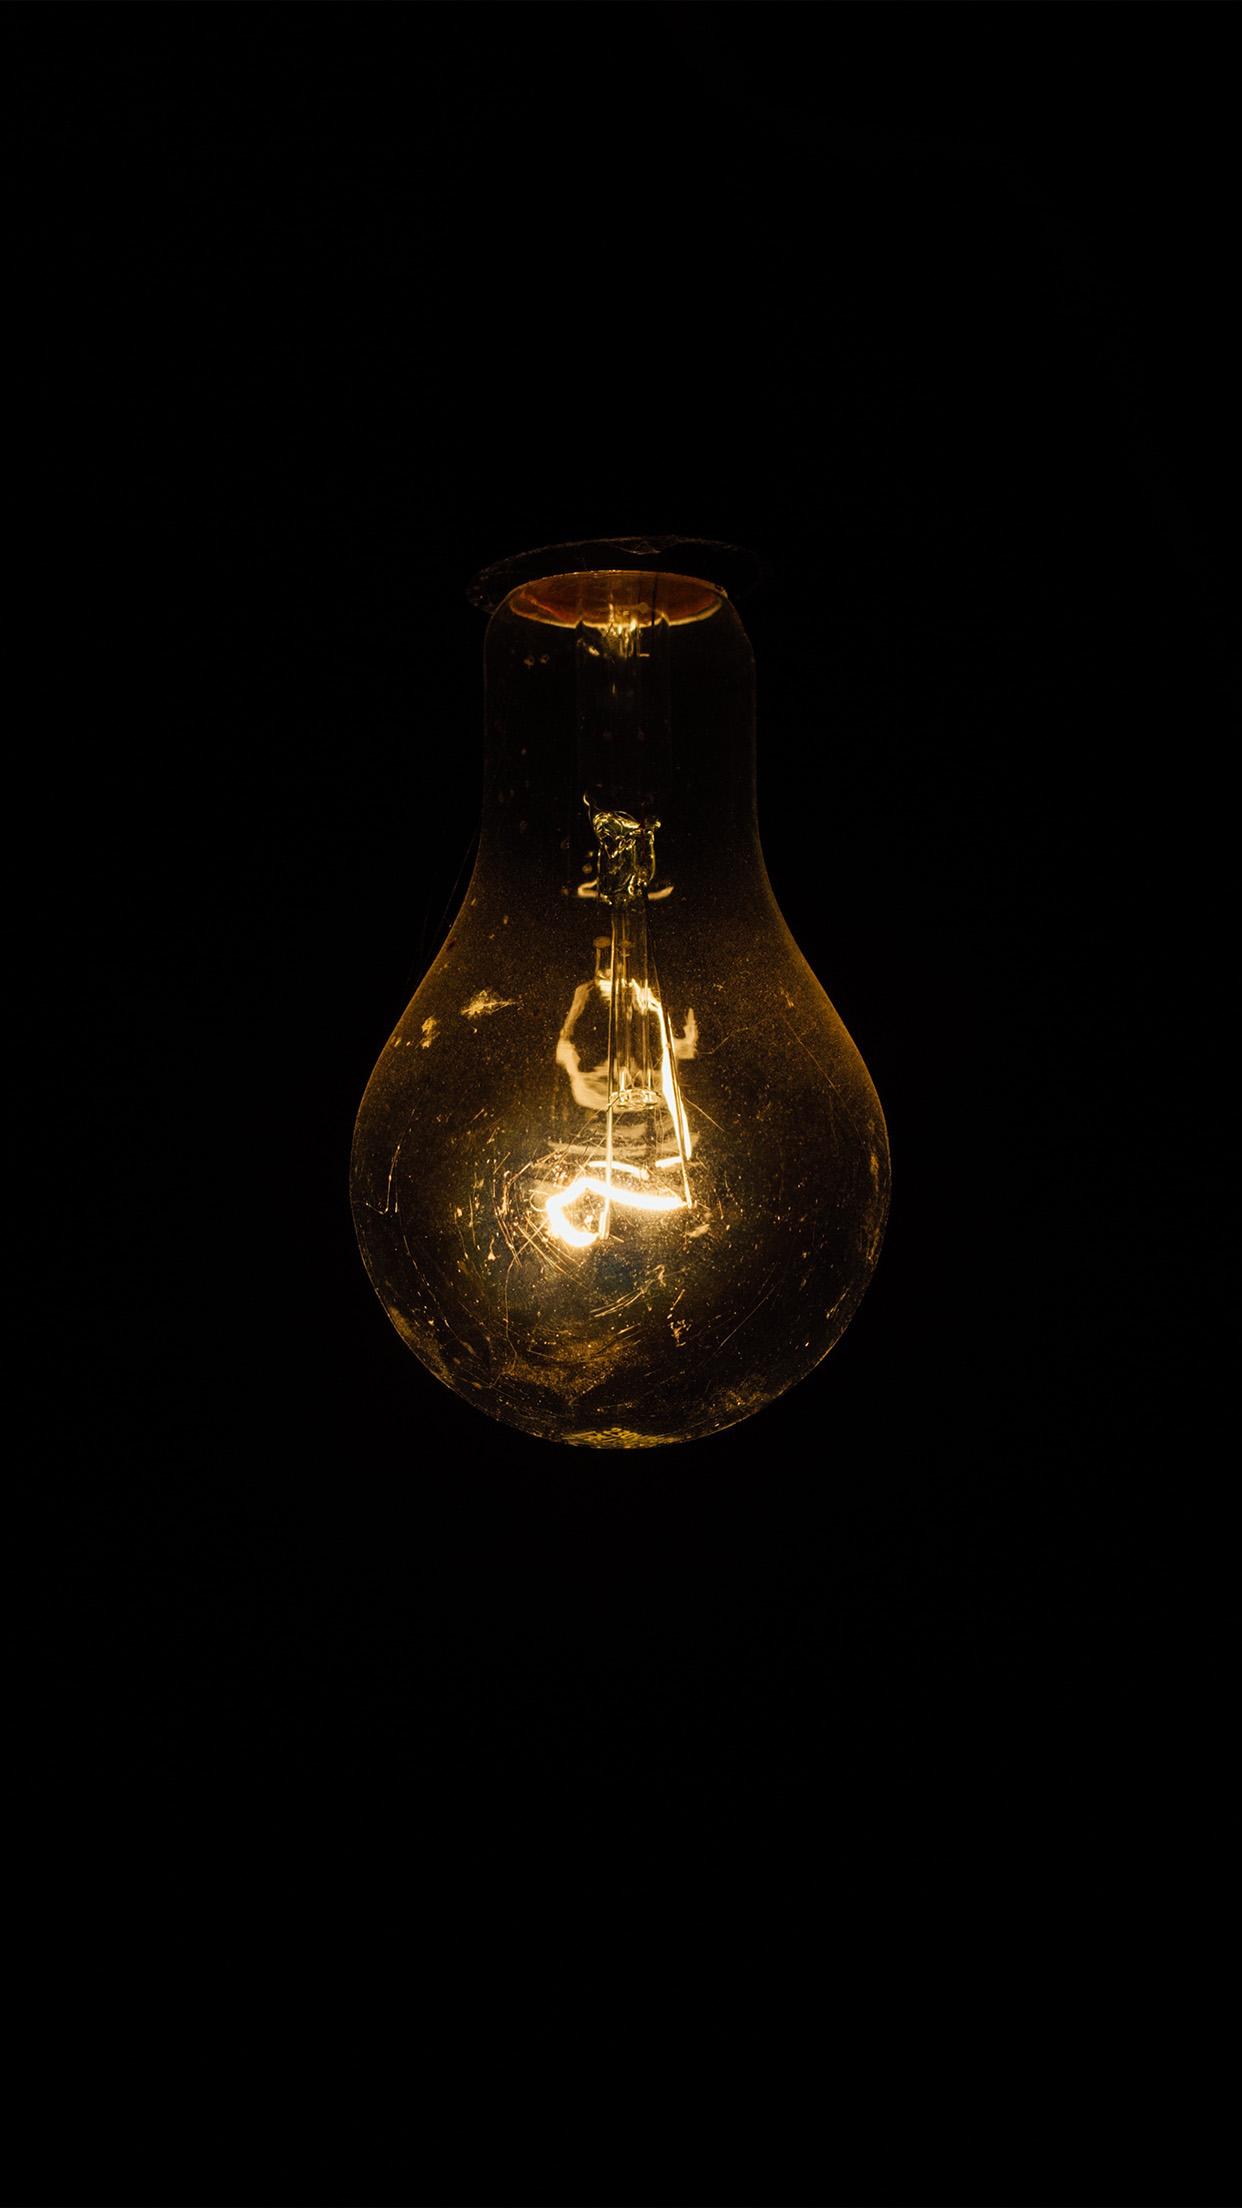 Incandescent Light Bulb Close Up Dark iPhone 6 HD Wallpaper HD 1242x2208